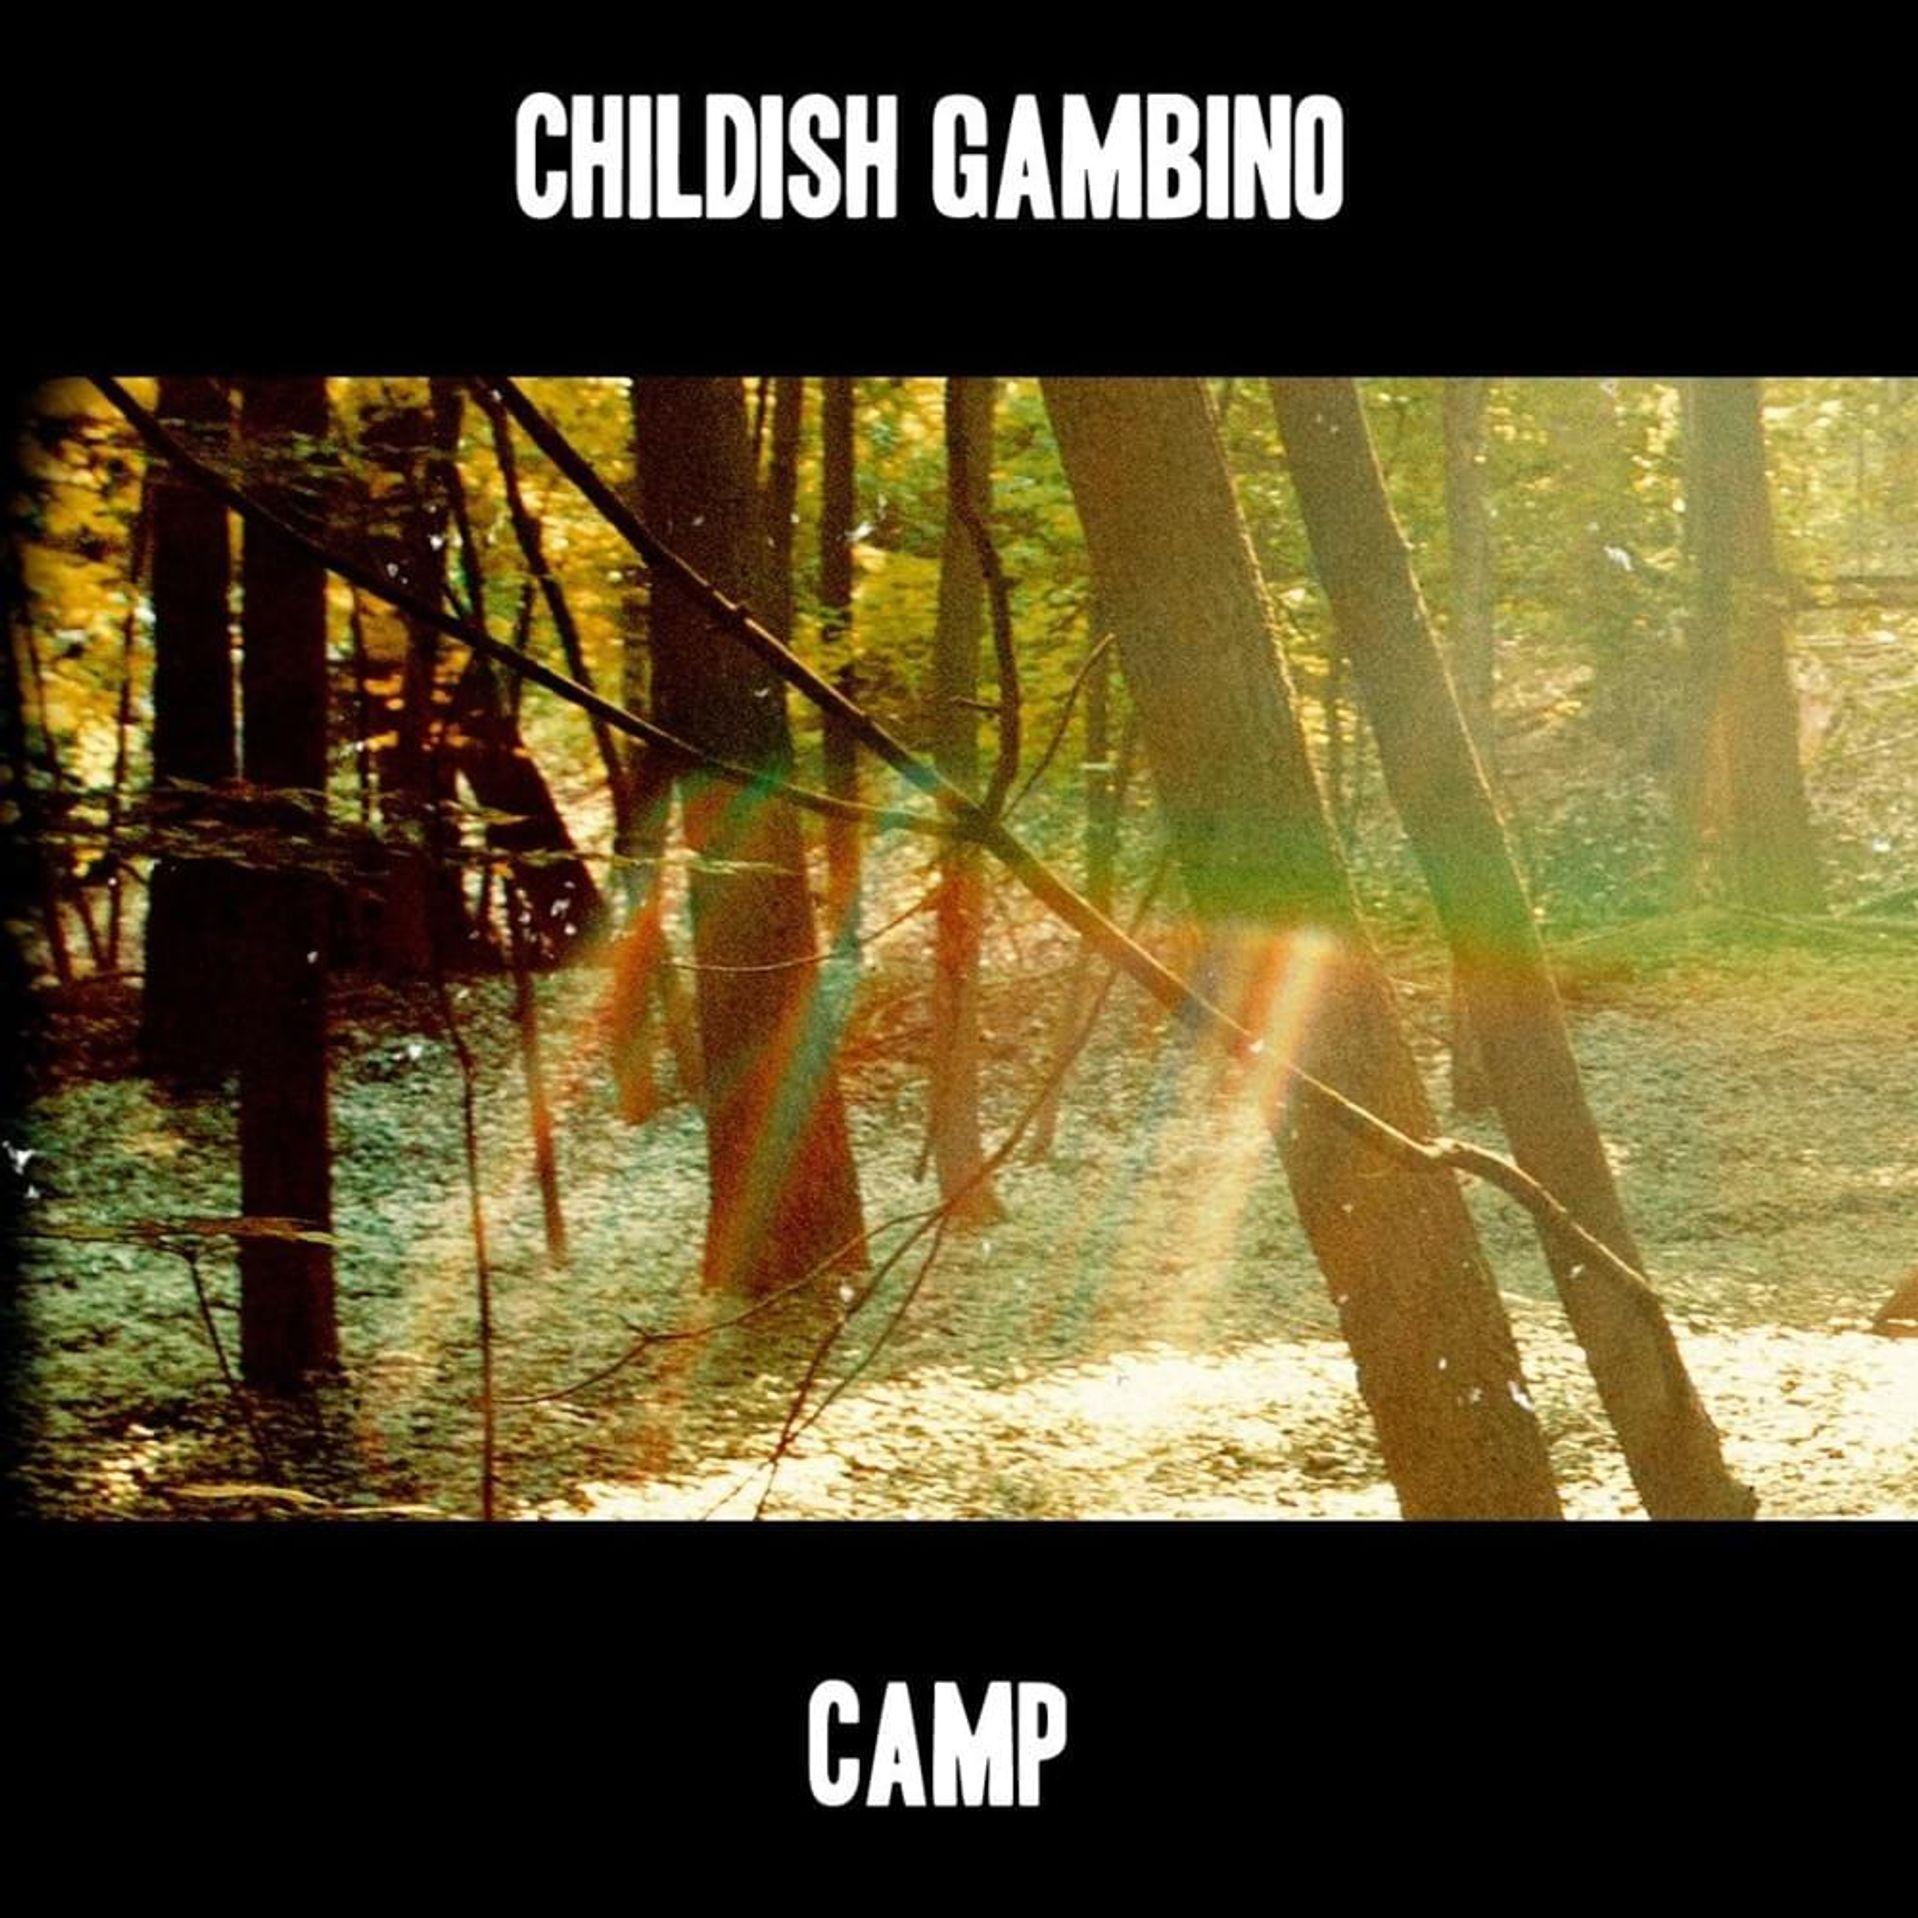 Album Title: Camp by: Childish Gambino